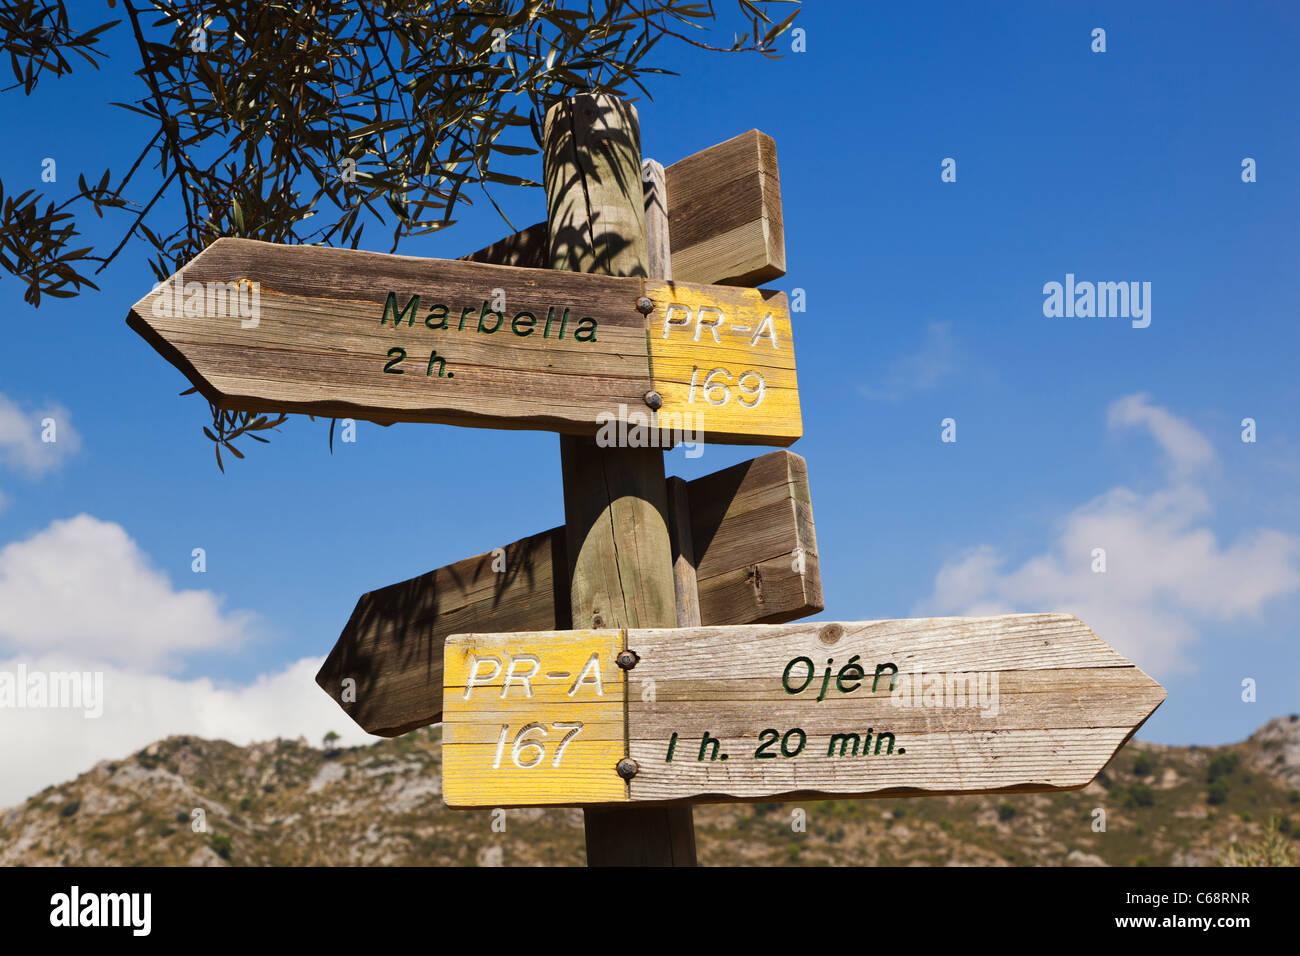 Signpost on walker's path in the Sierra Blanca de Ojen pointing to Ojen and Marbella. Near Ojen, Spain - Stock Image